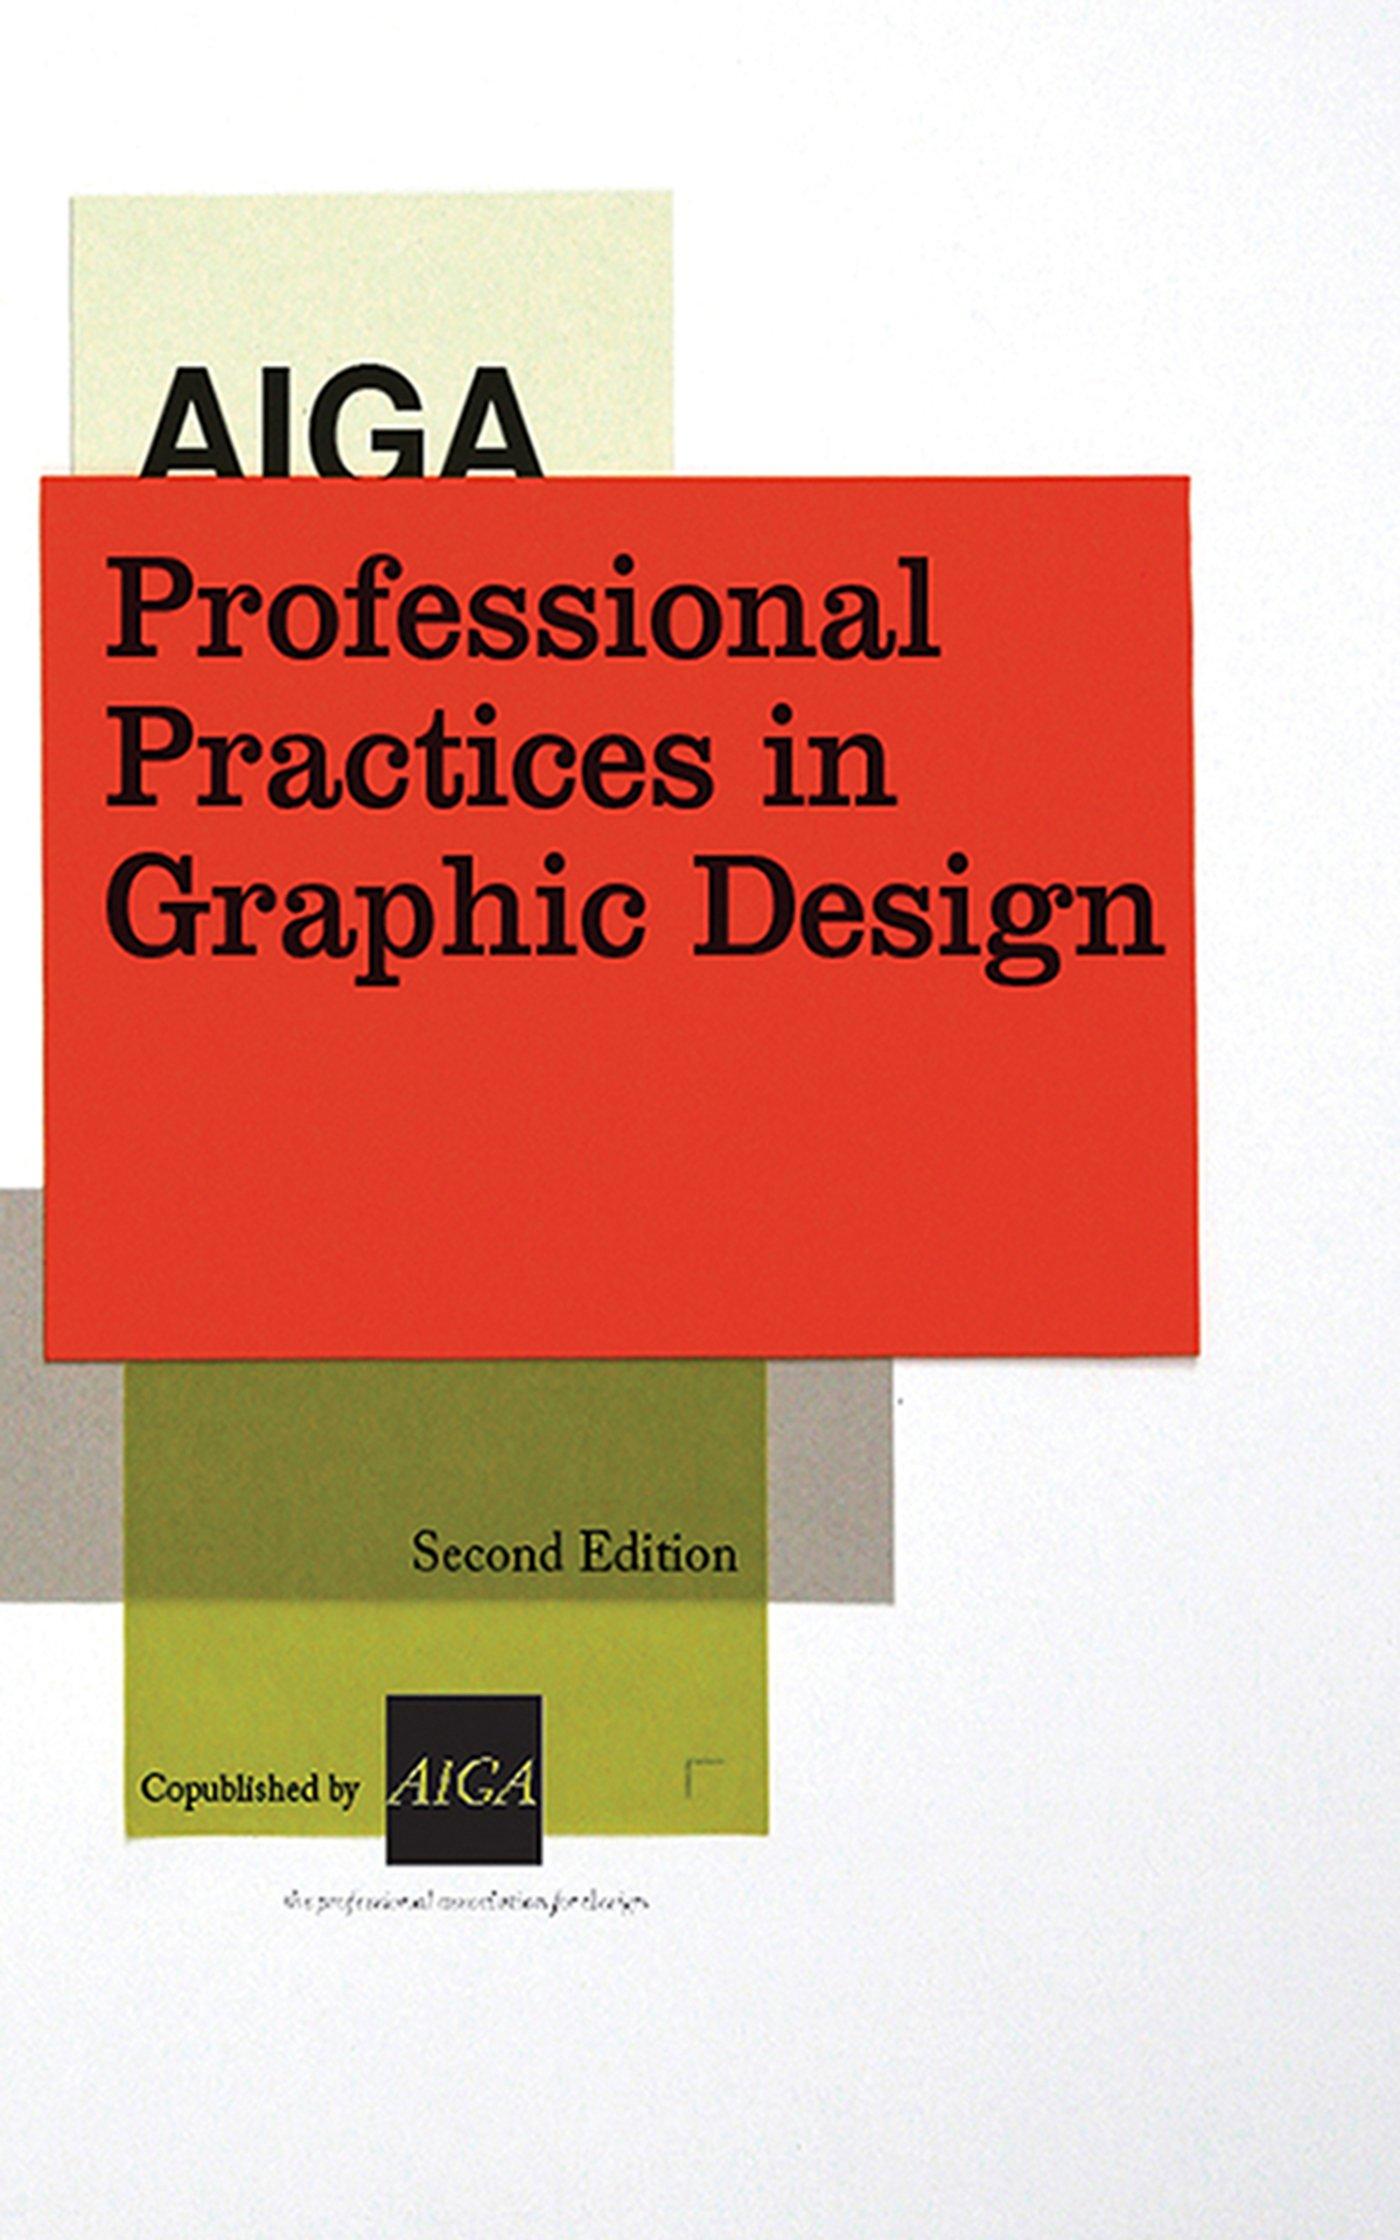 Read Online AIGA Professional Practices in Graphic Design pdf epub